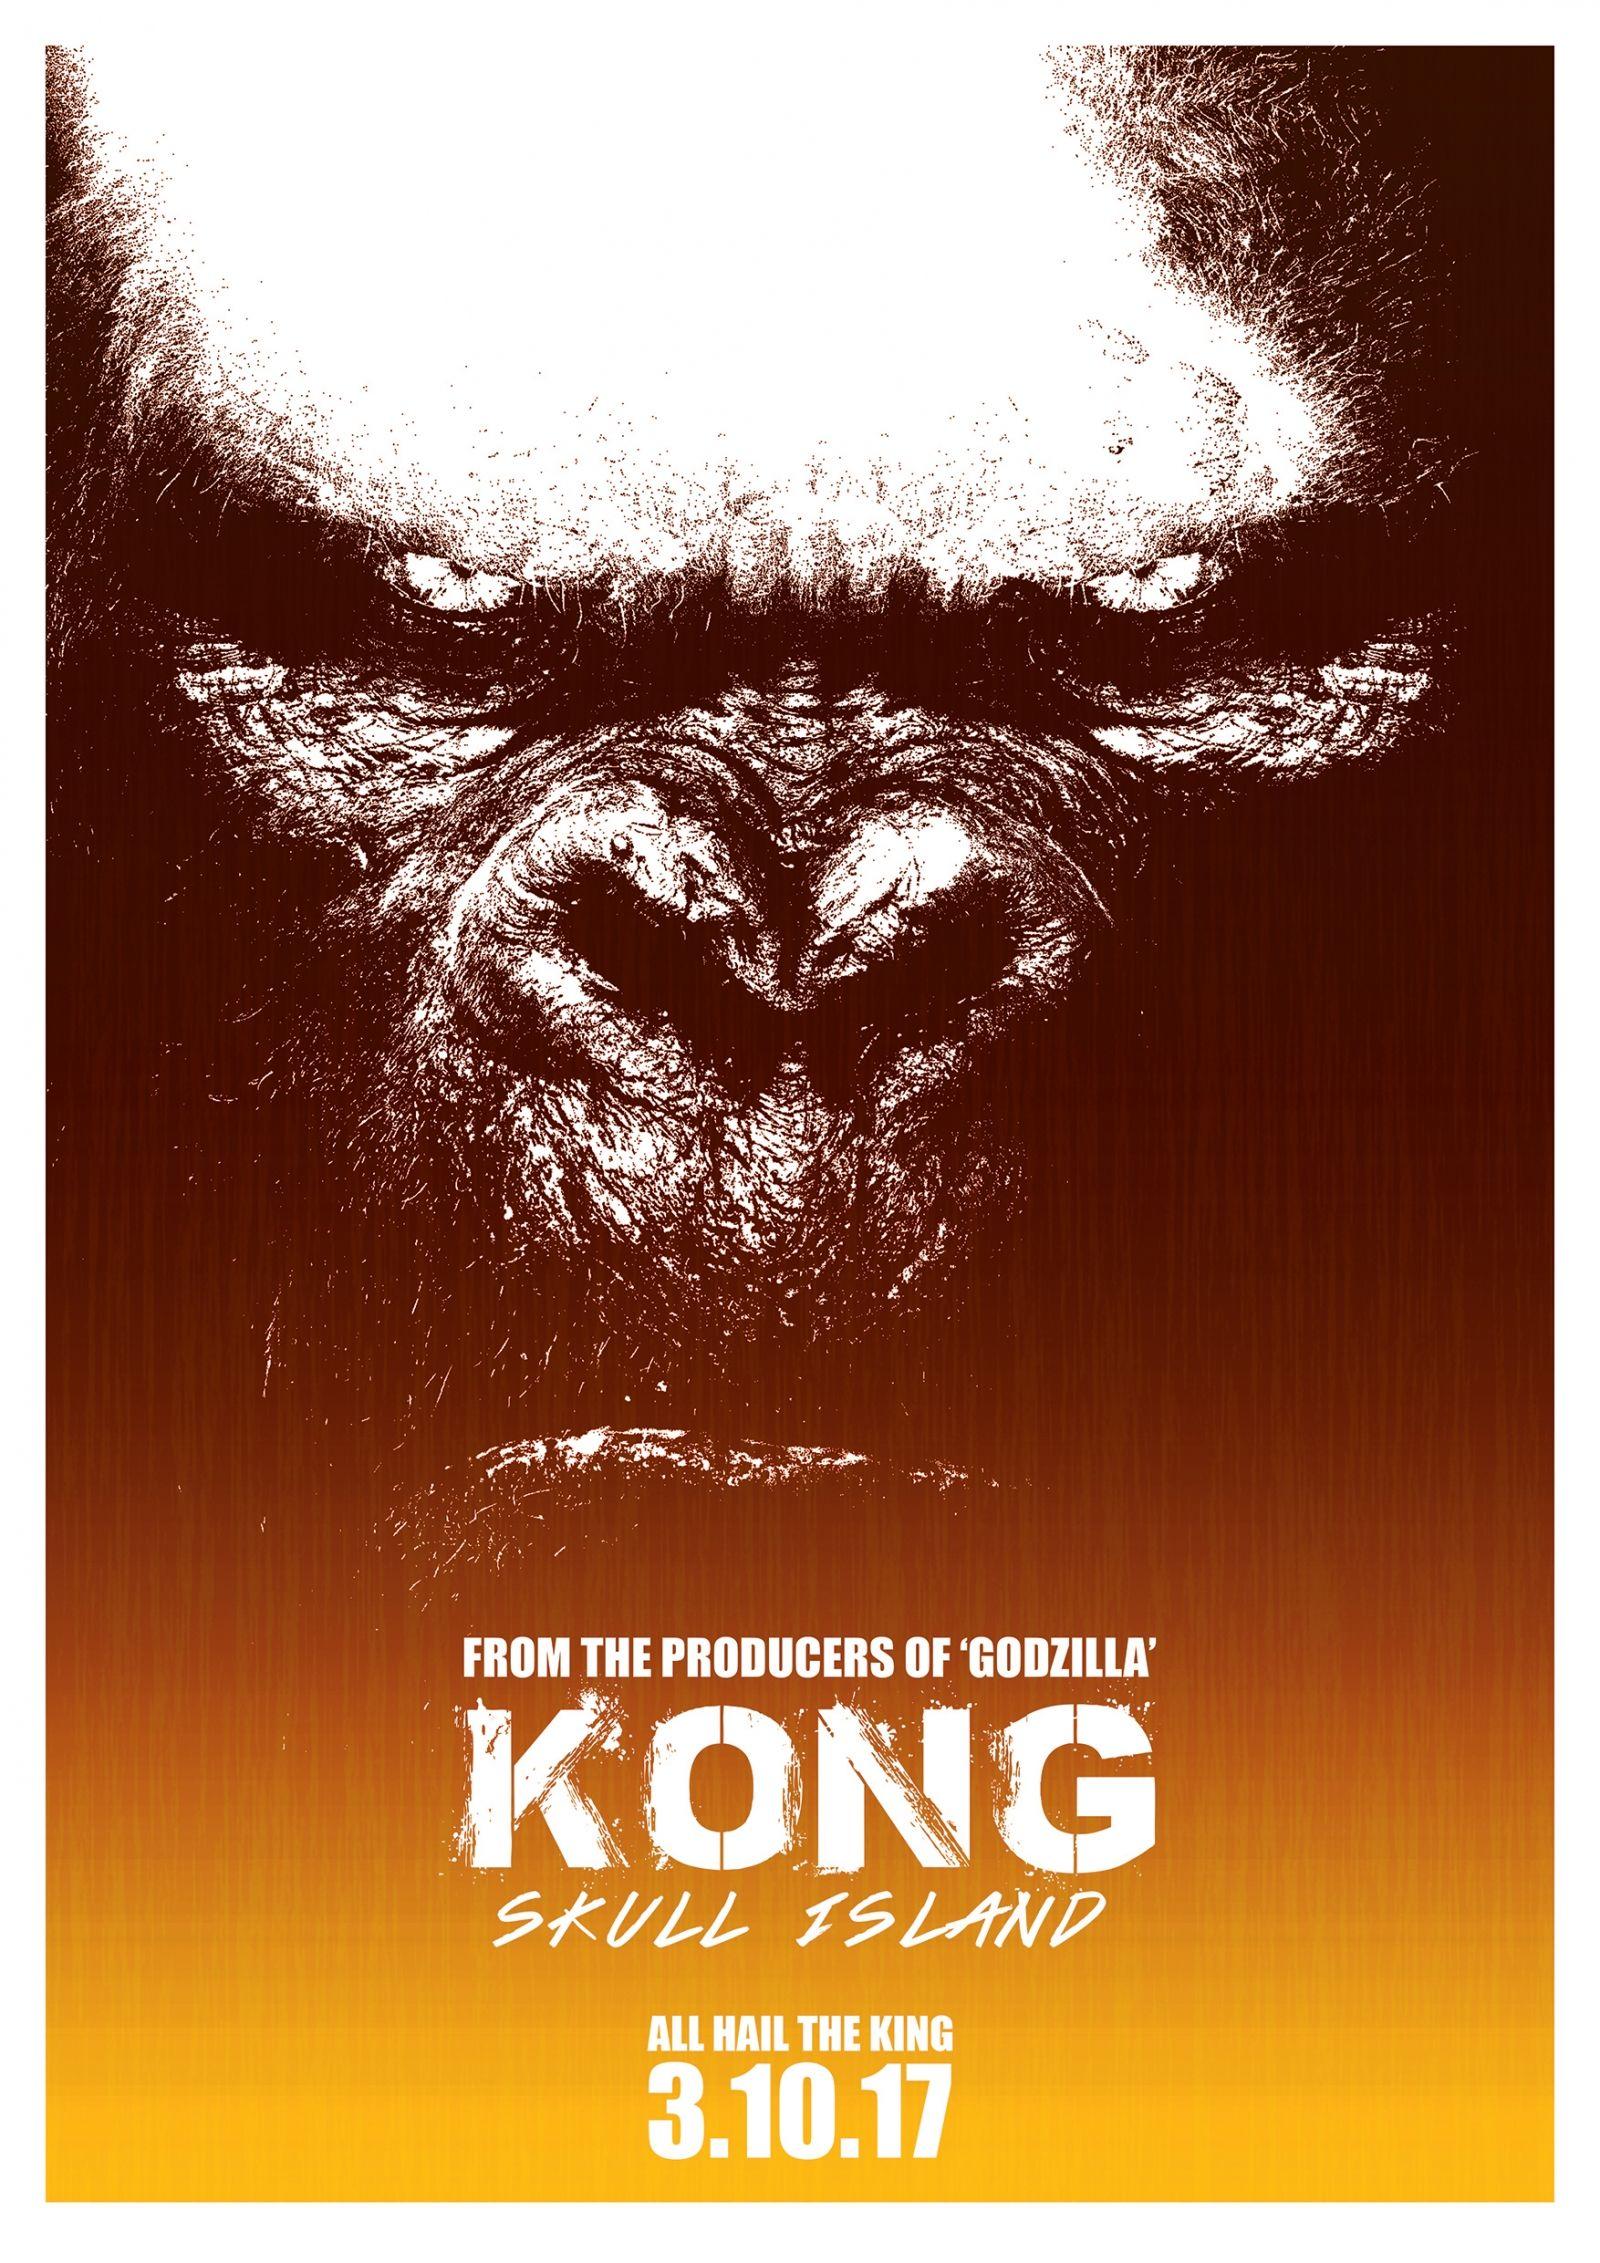 Kong skull island 2017 hd wallpaper from gallsource king kong skull island 2017 hd wallpaper from gallsource voltagebd Gallery